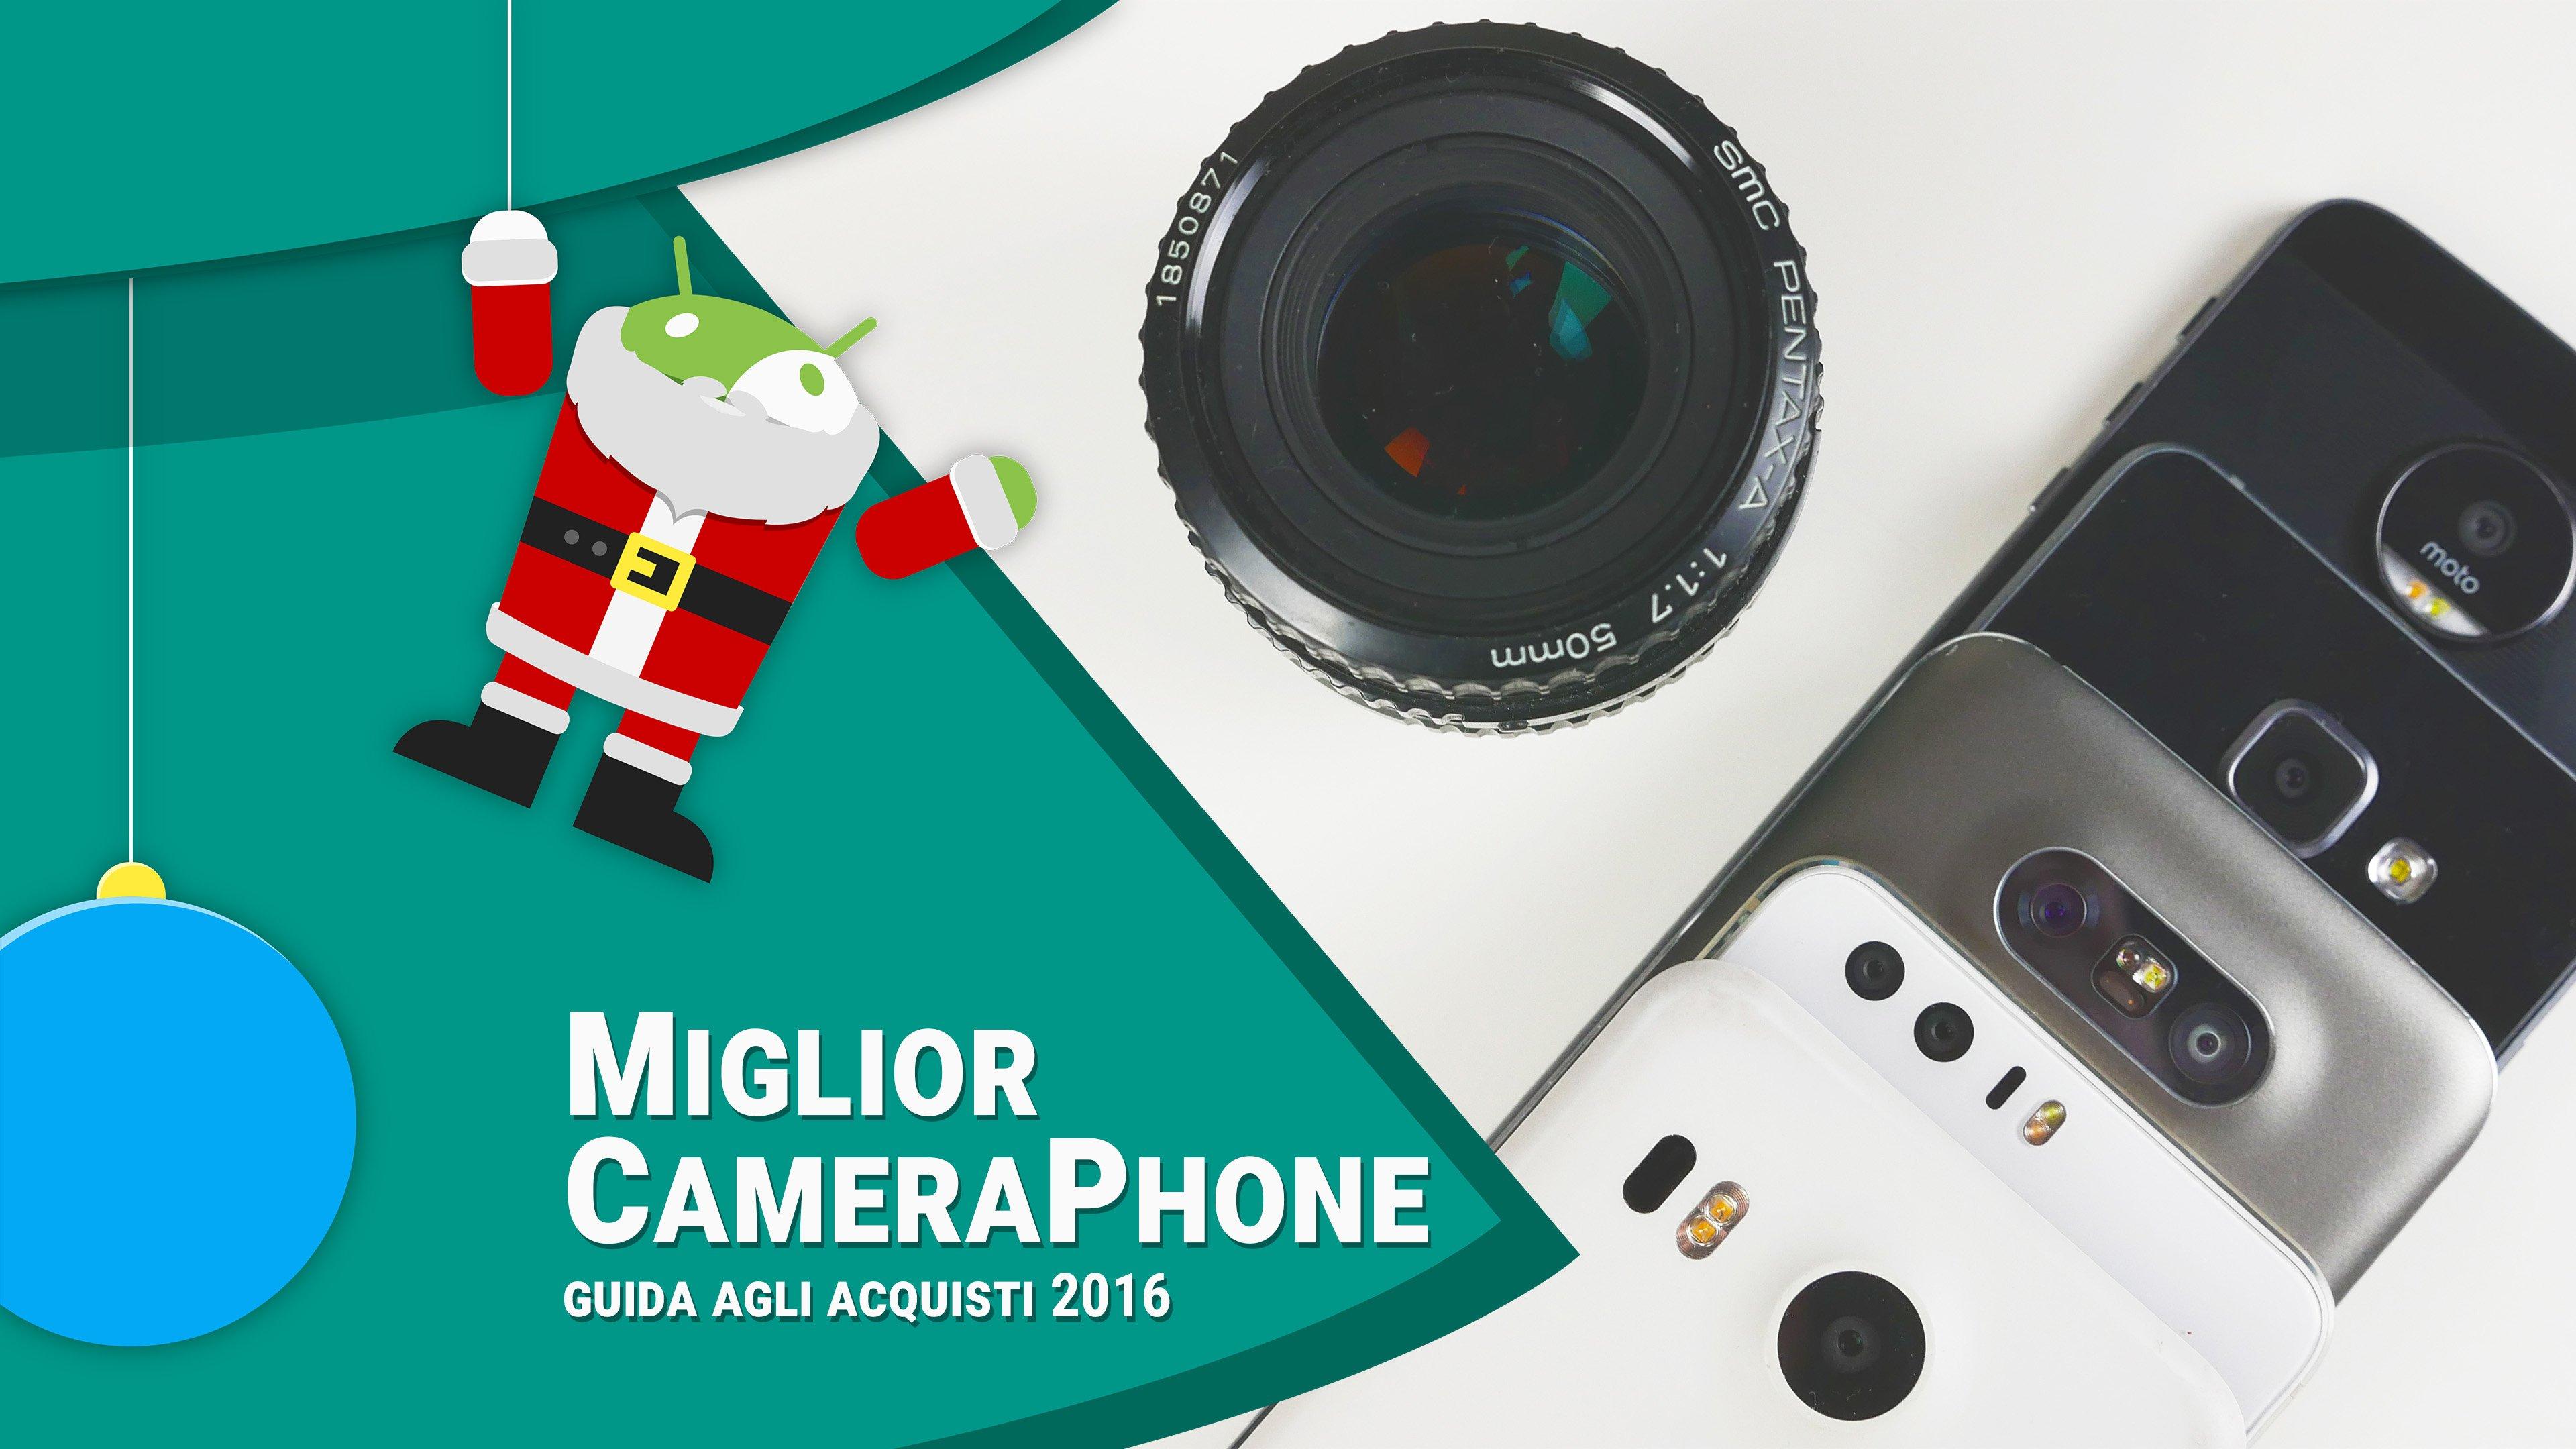 Miglior smartphone android per fotocamera gennaio 2017 for Smartphone migliore fotocamera 2017